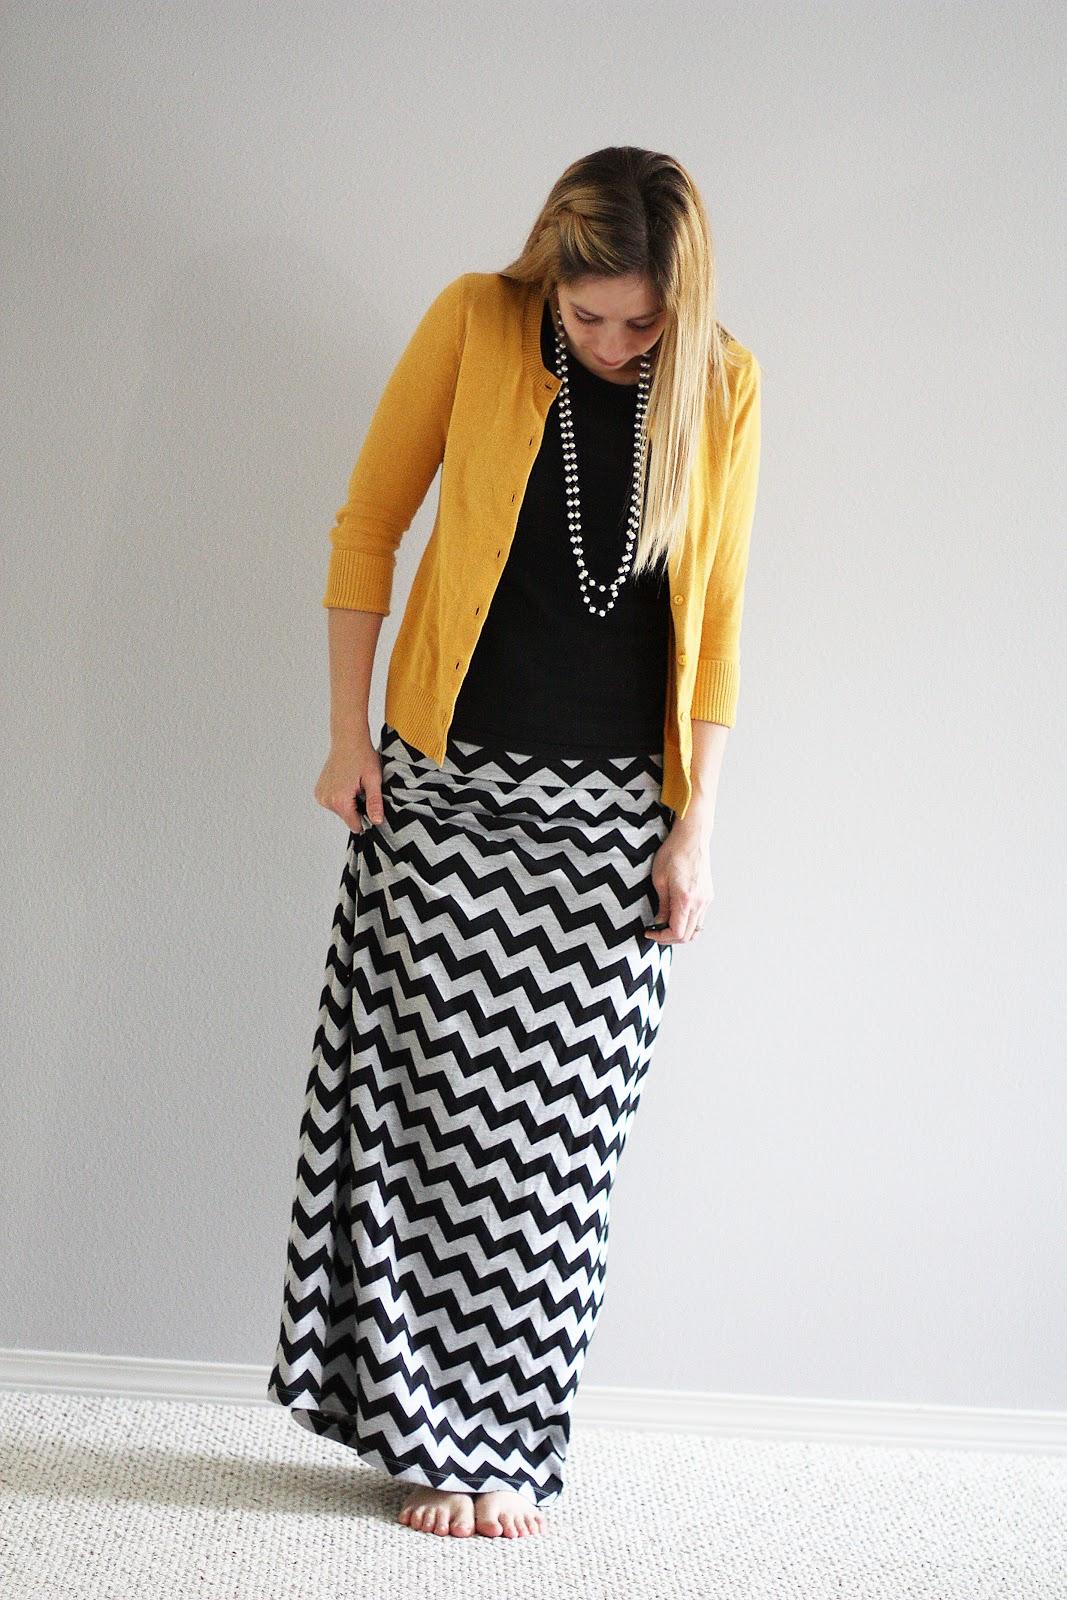 A Chevron Maxi Skirt - Sew Much Ado